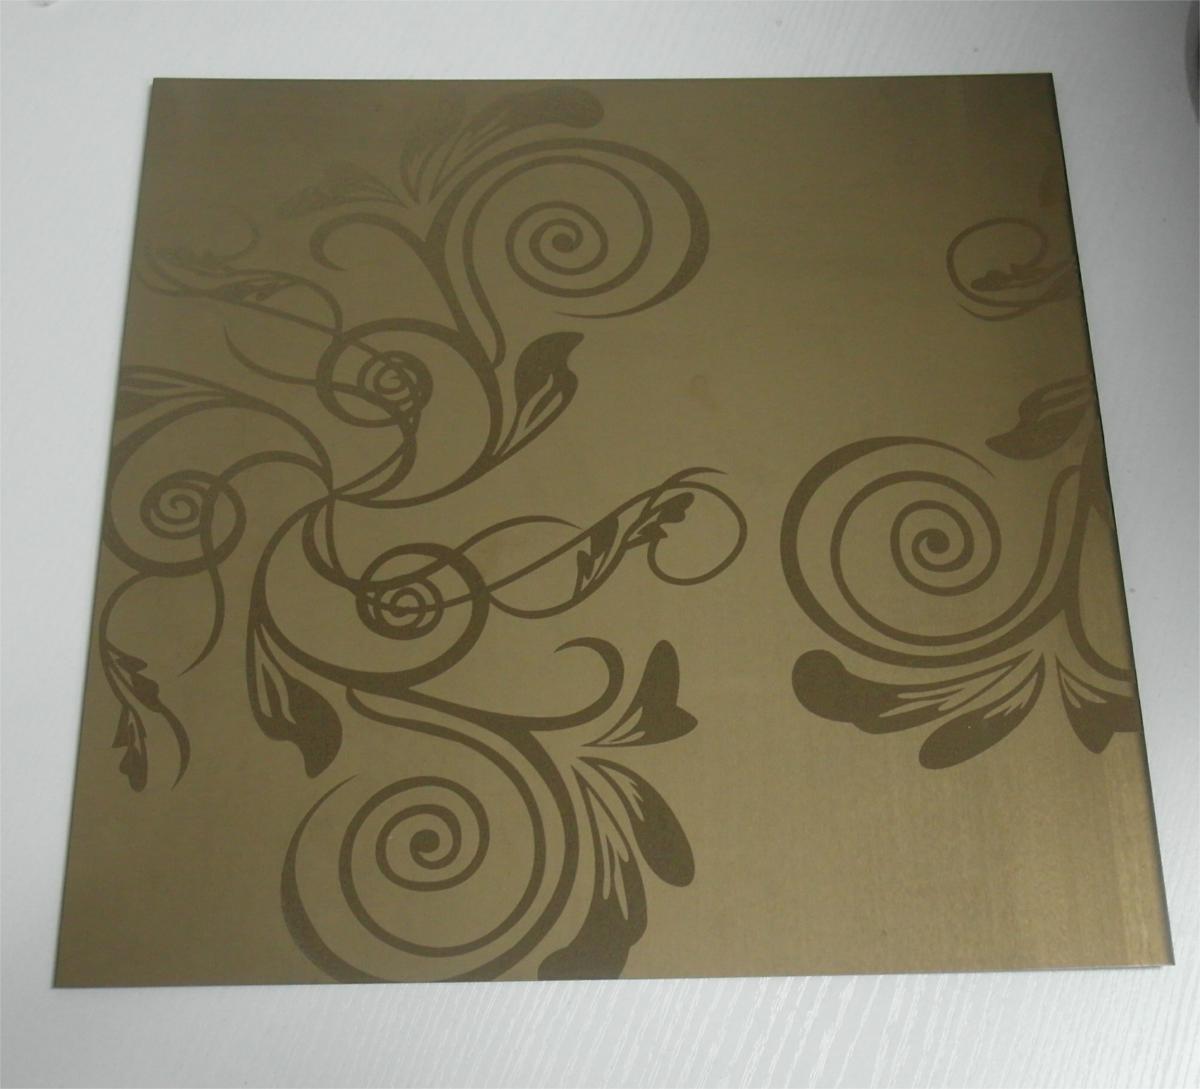 彩色不锈钢蚀刻板是在物件表面通过化学的方法,腐蚀出各种花纹图案。以8K镜面板或者拉丝板为底板,进行蚀刻处理后,对物件表面再进行深加工,可进行局部的和纹、拉丝、嵌金、局部钛金等各式复杂工艺处理,实现图案明暗相间,色彩绚丽的效果。蚀刻不锈钢包括彩色不锈钢蚀刻,图案多种,可供广大客户选用的颜色有:钛黑(黑钛)、天蓝、钛金、宝石蓝、咖啡色、茶色、紫色、古铜色、青古铜、香槟金、玫瑰金、紫红、钛白、翠绿、绿色等,适用于:星级酒店、KTV、大型商场、高级娱乐场所等。